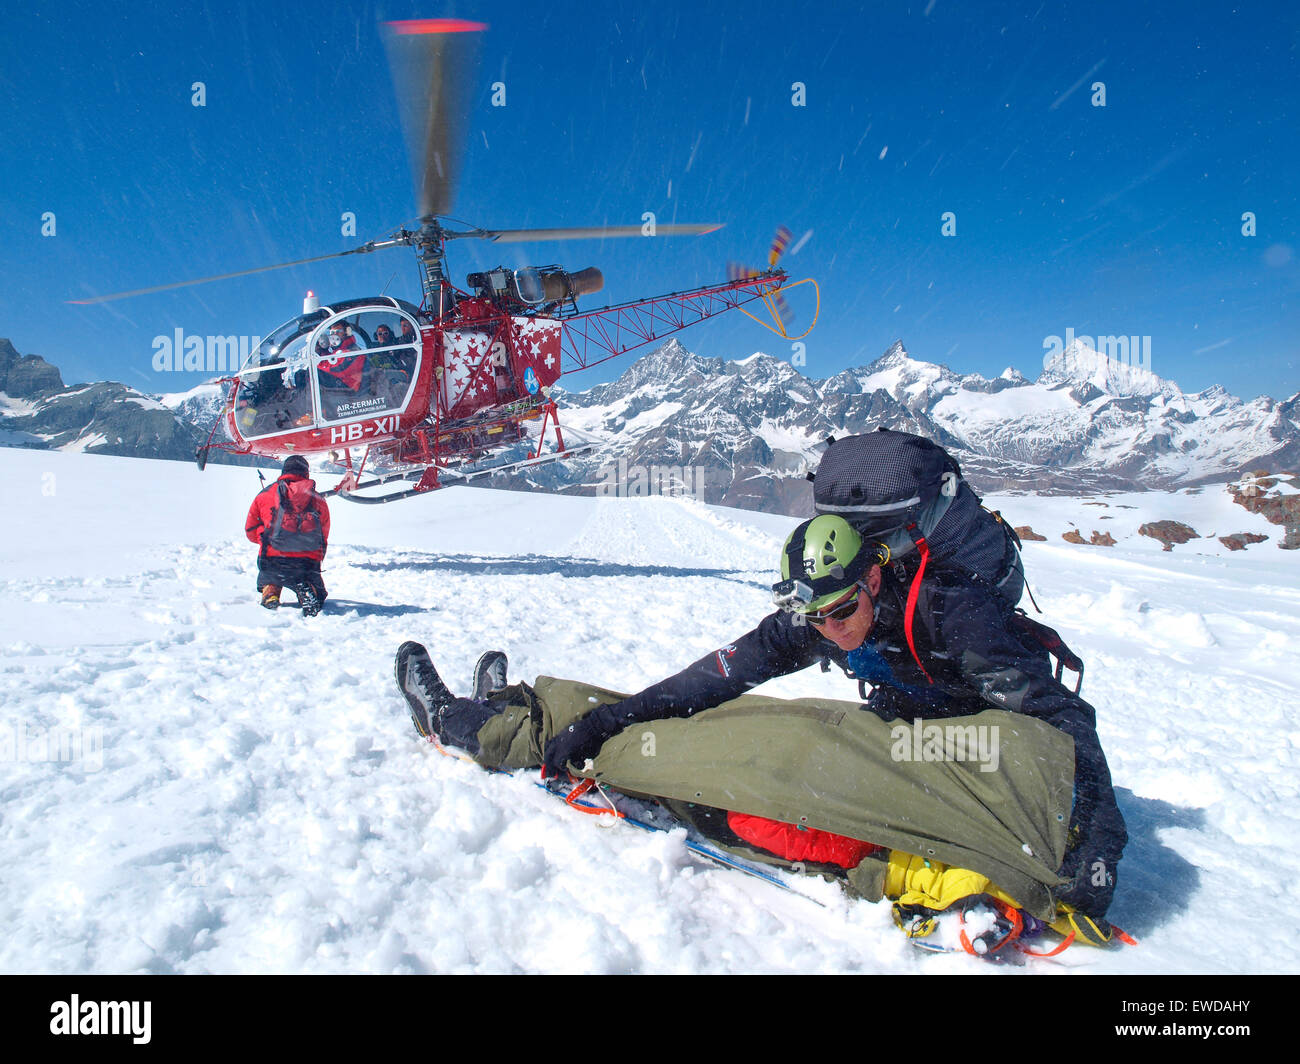 Le personnel de secours en montagne est d'aider un alpiniste blessé dans les Alpes suisses. Un ambulancier Photo Stock